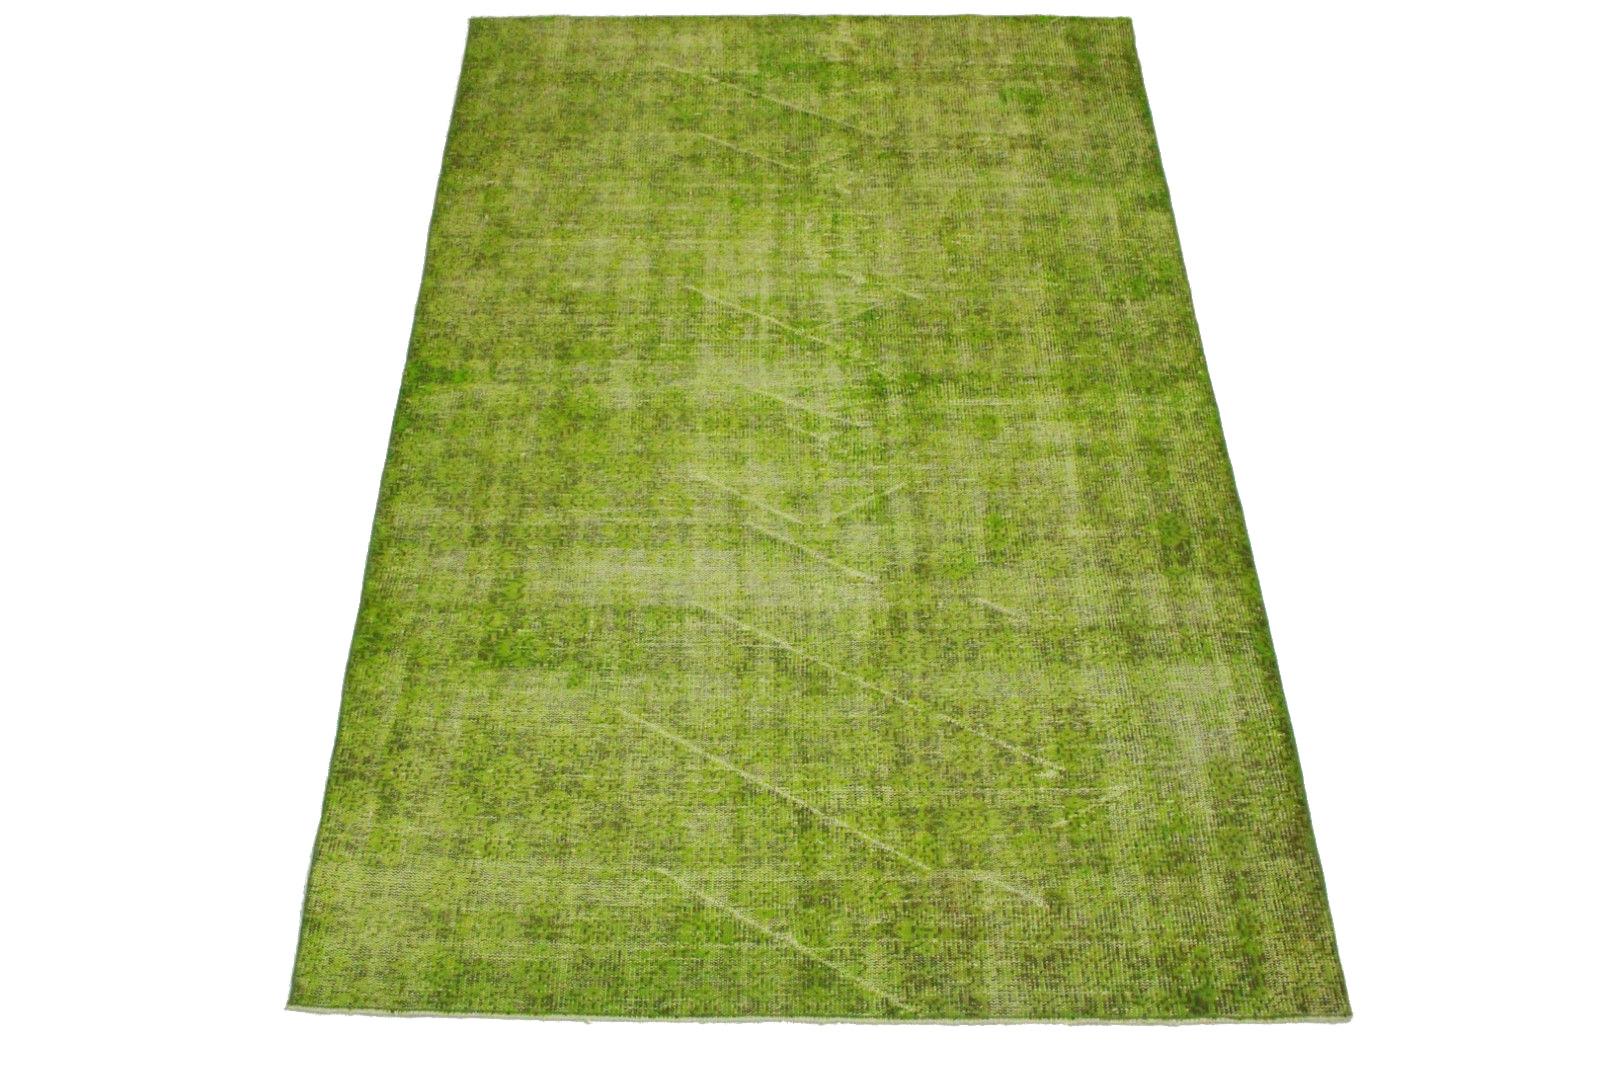 Vintage teppich grün braun in 260x160cm (1011 5117) bei carpetido ...